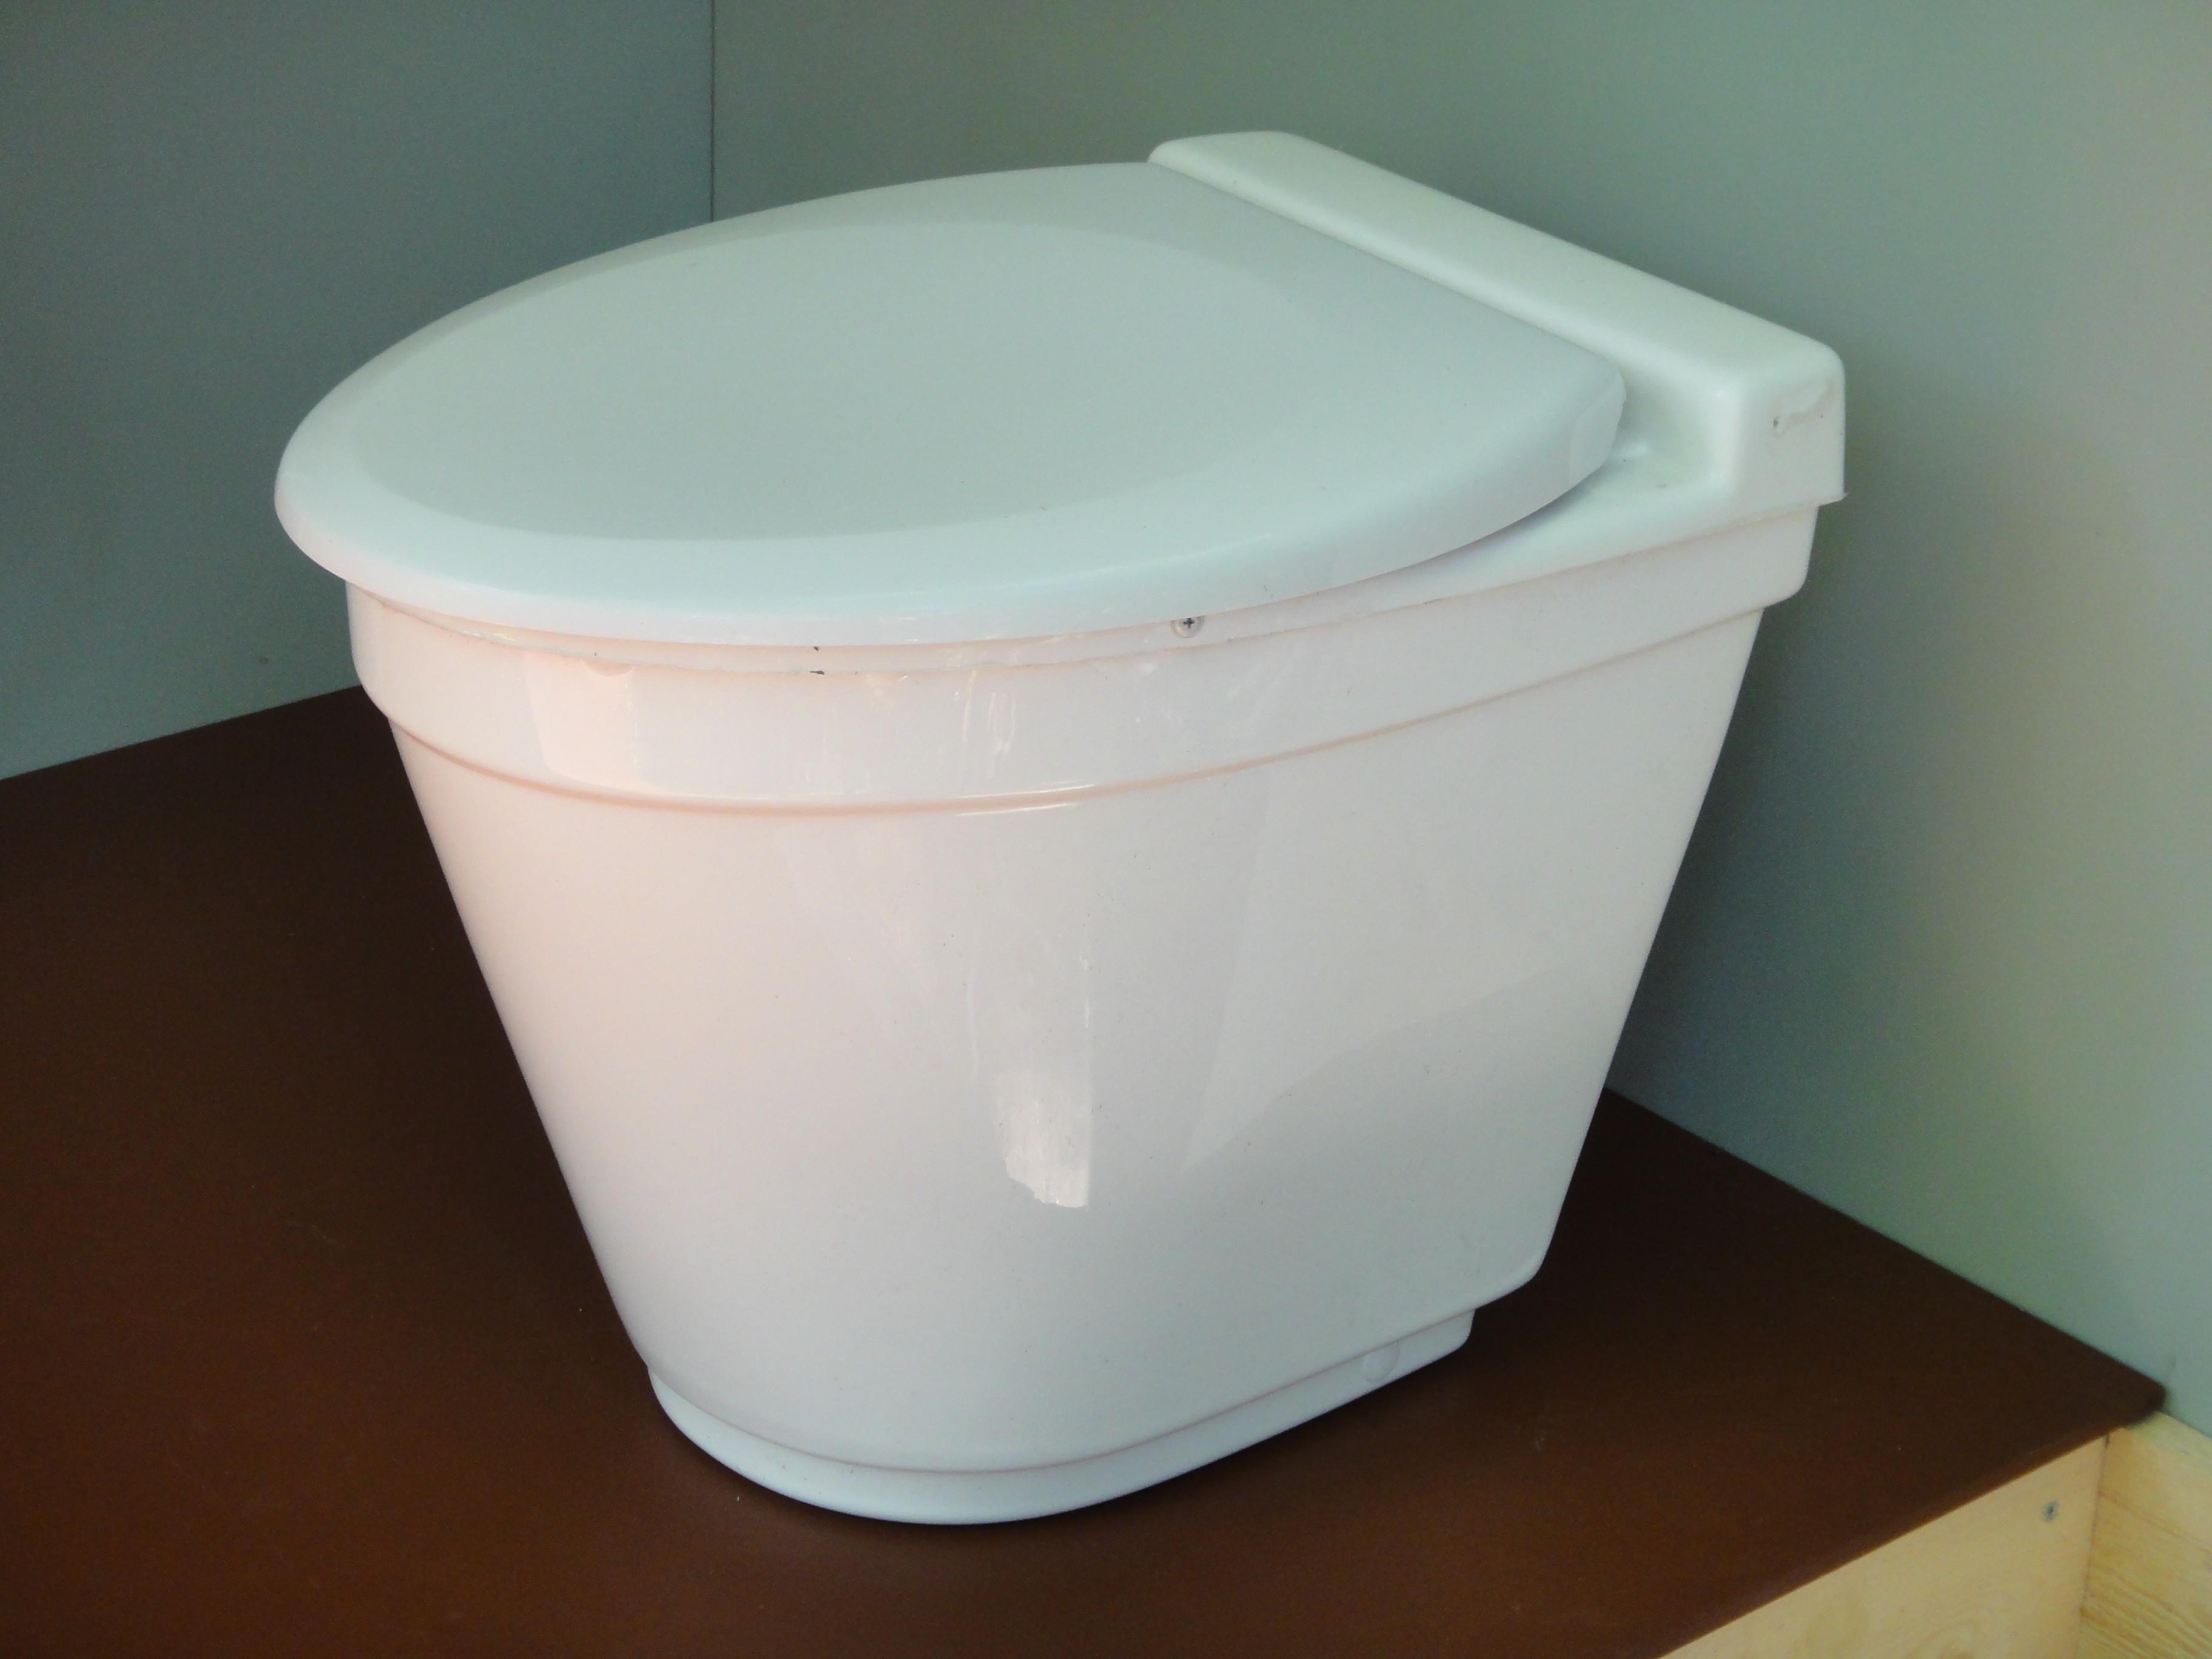 Toilette Sèche À Compost Vu Ekolet - Toilette Sèche encequiconcerne Toilette Seches